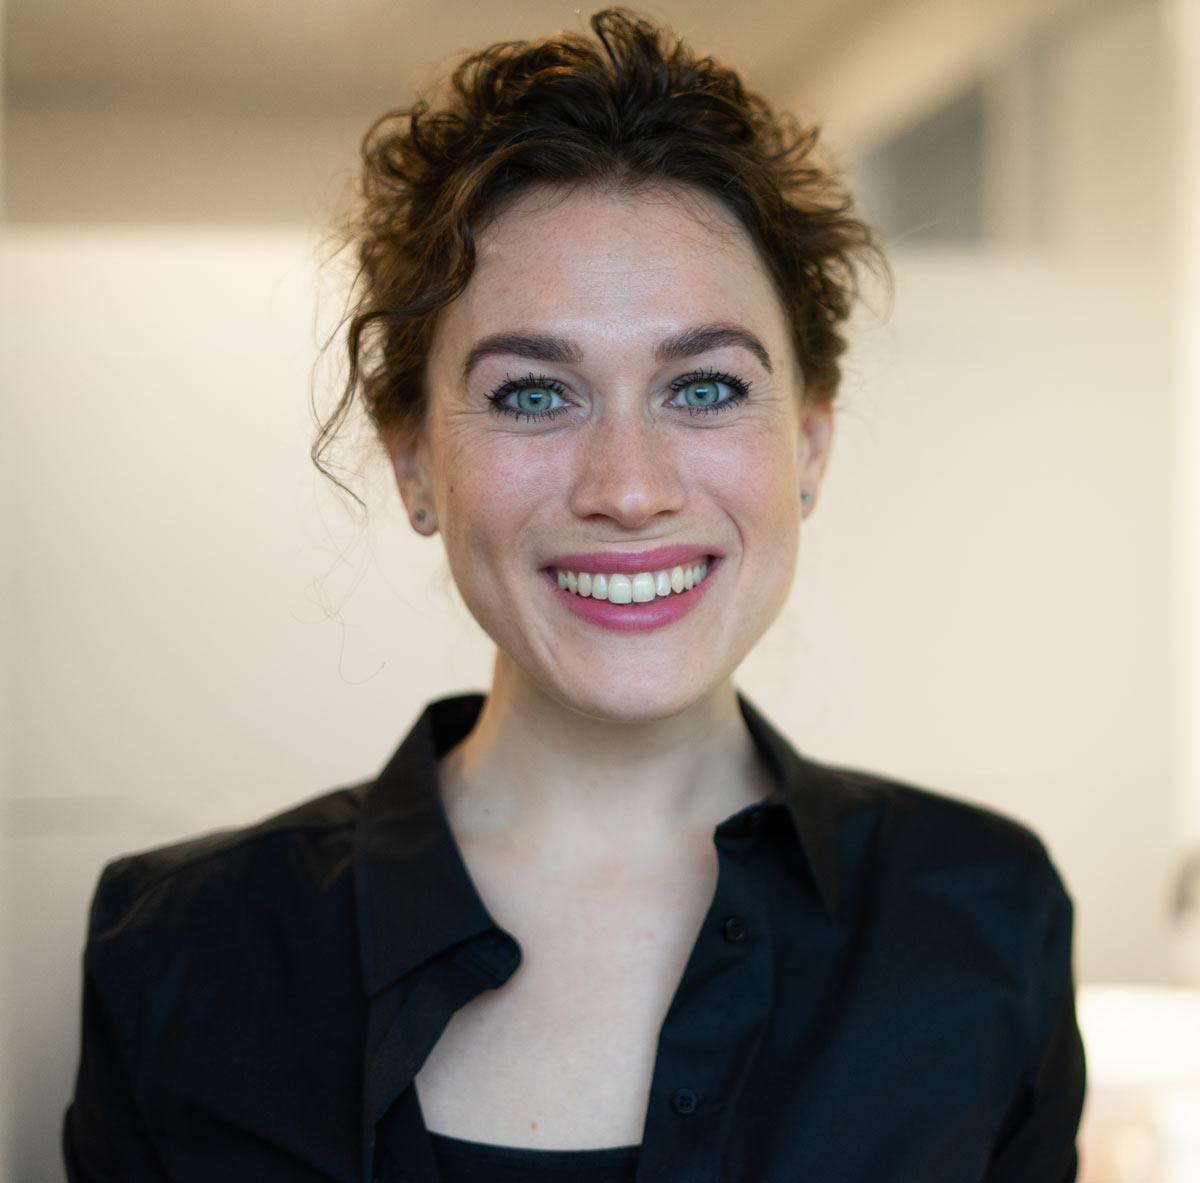 Eveline Aardoom